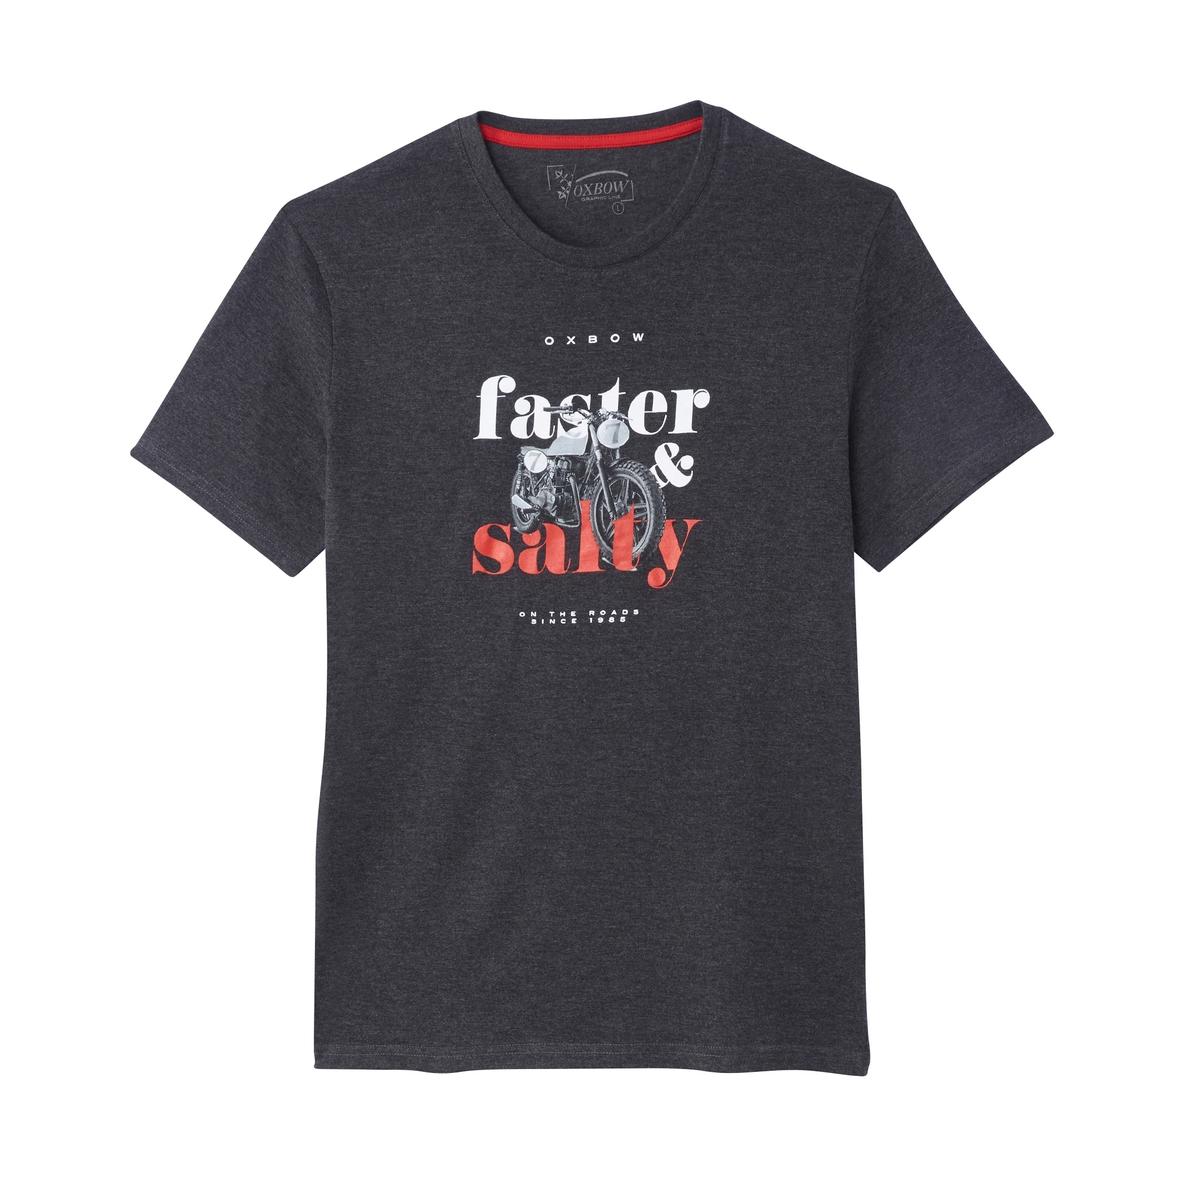 T-shirt de gola redonda e mangas curtas